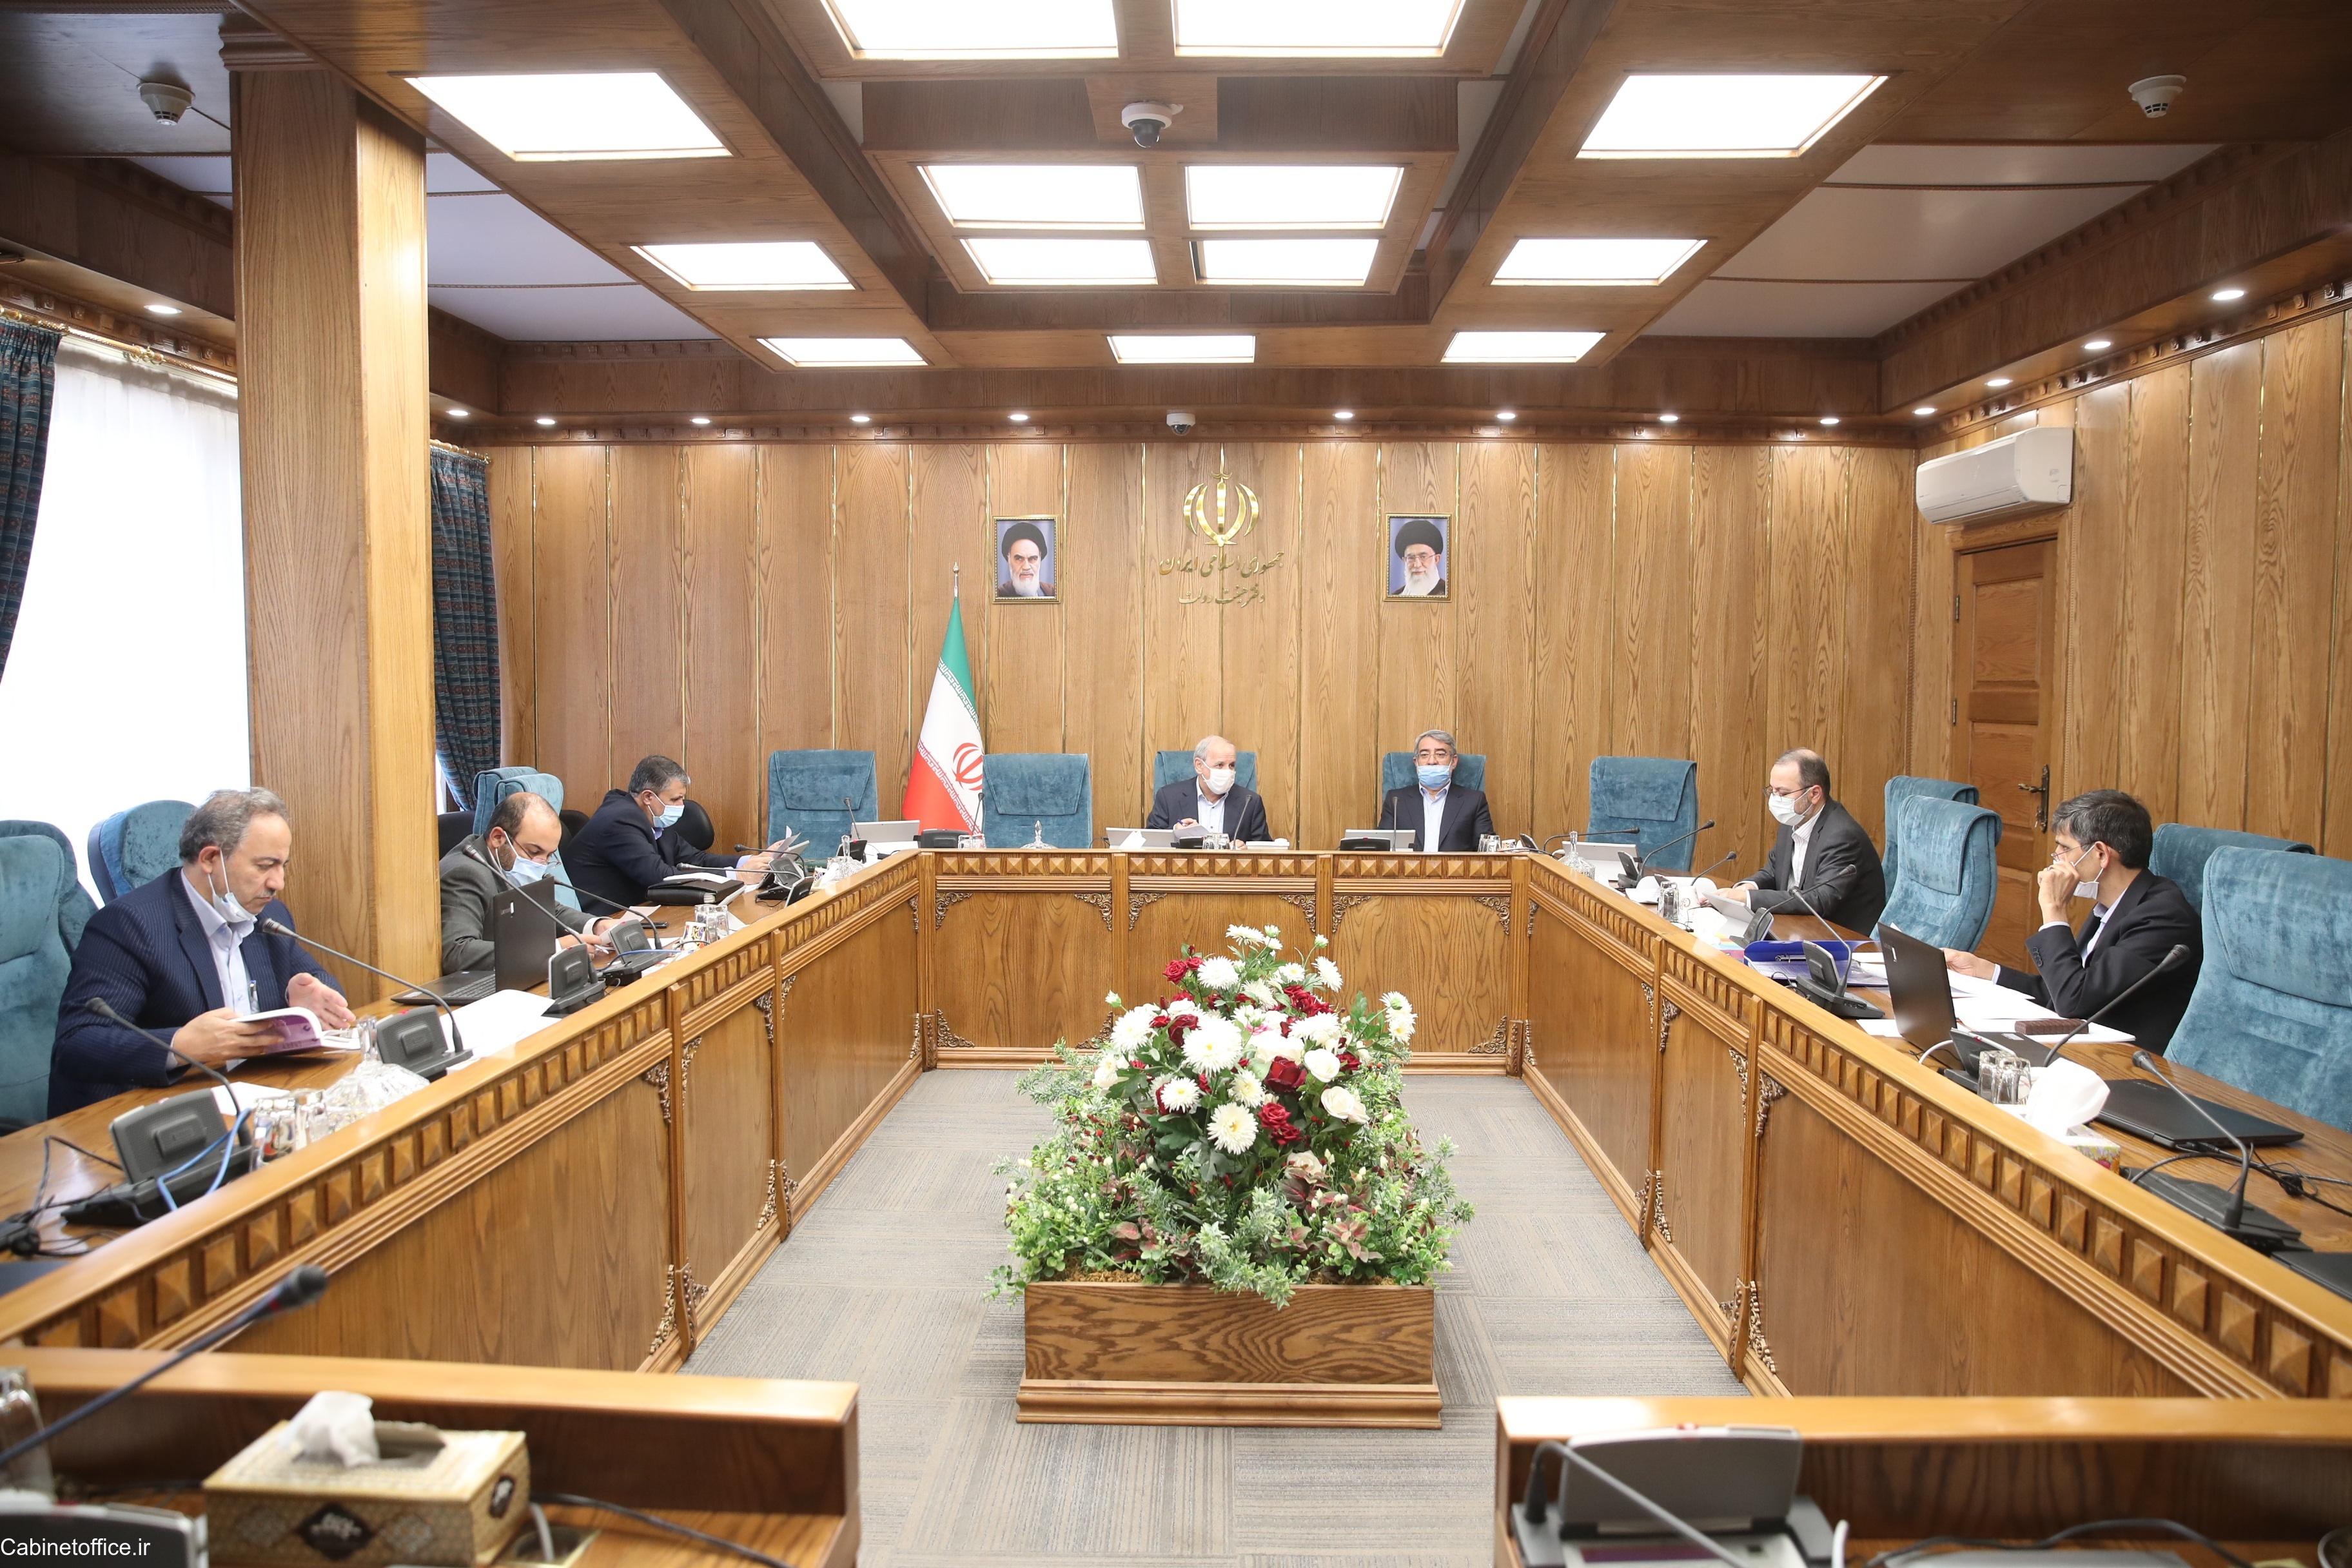 جلسه اصلی کمیسیون امور اجتماعی و دولت الکترونیک در تاریخ ۱۱ خرداد ۱۳۹۹